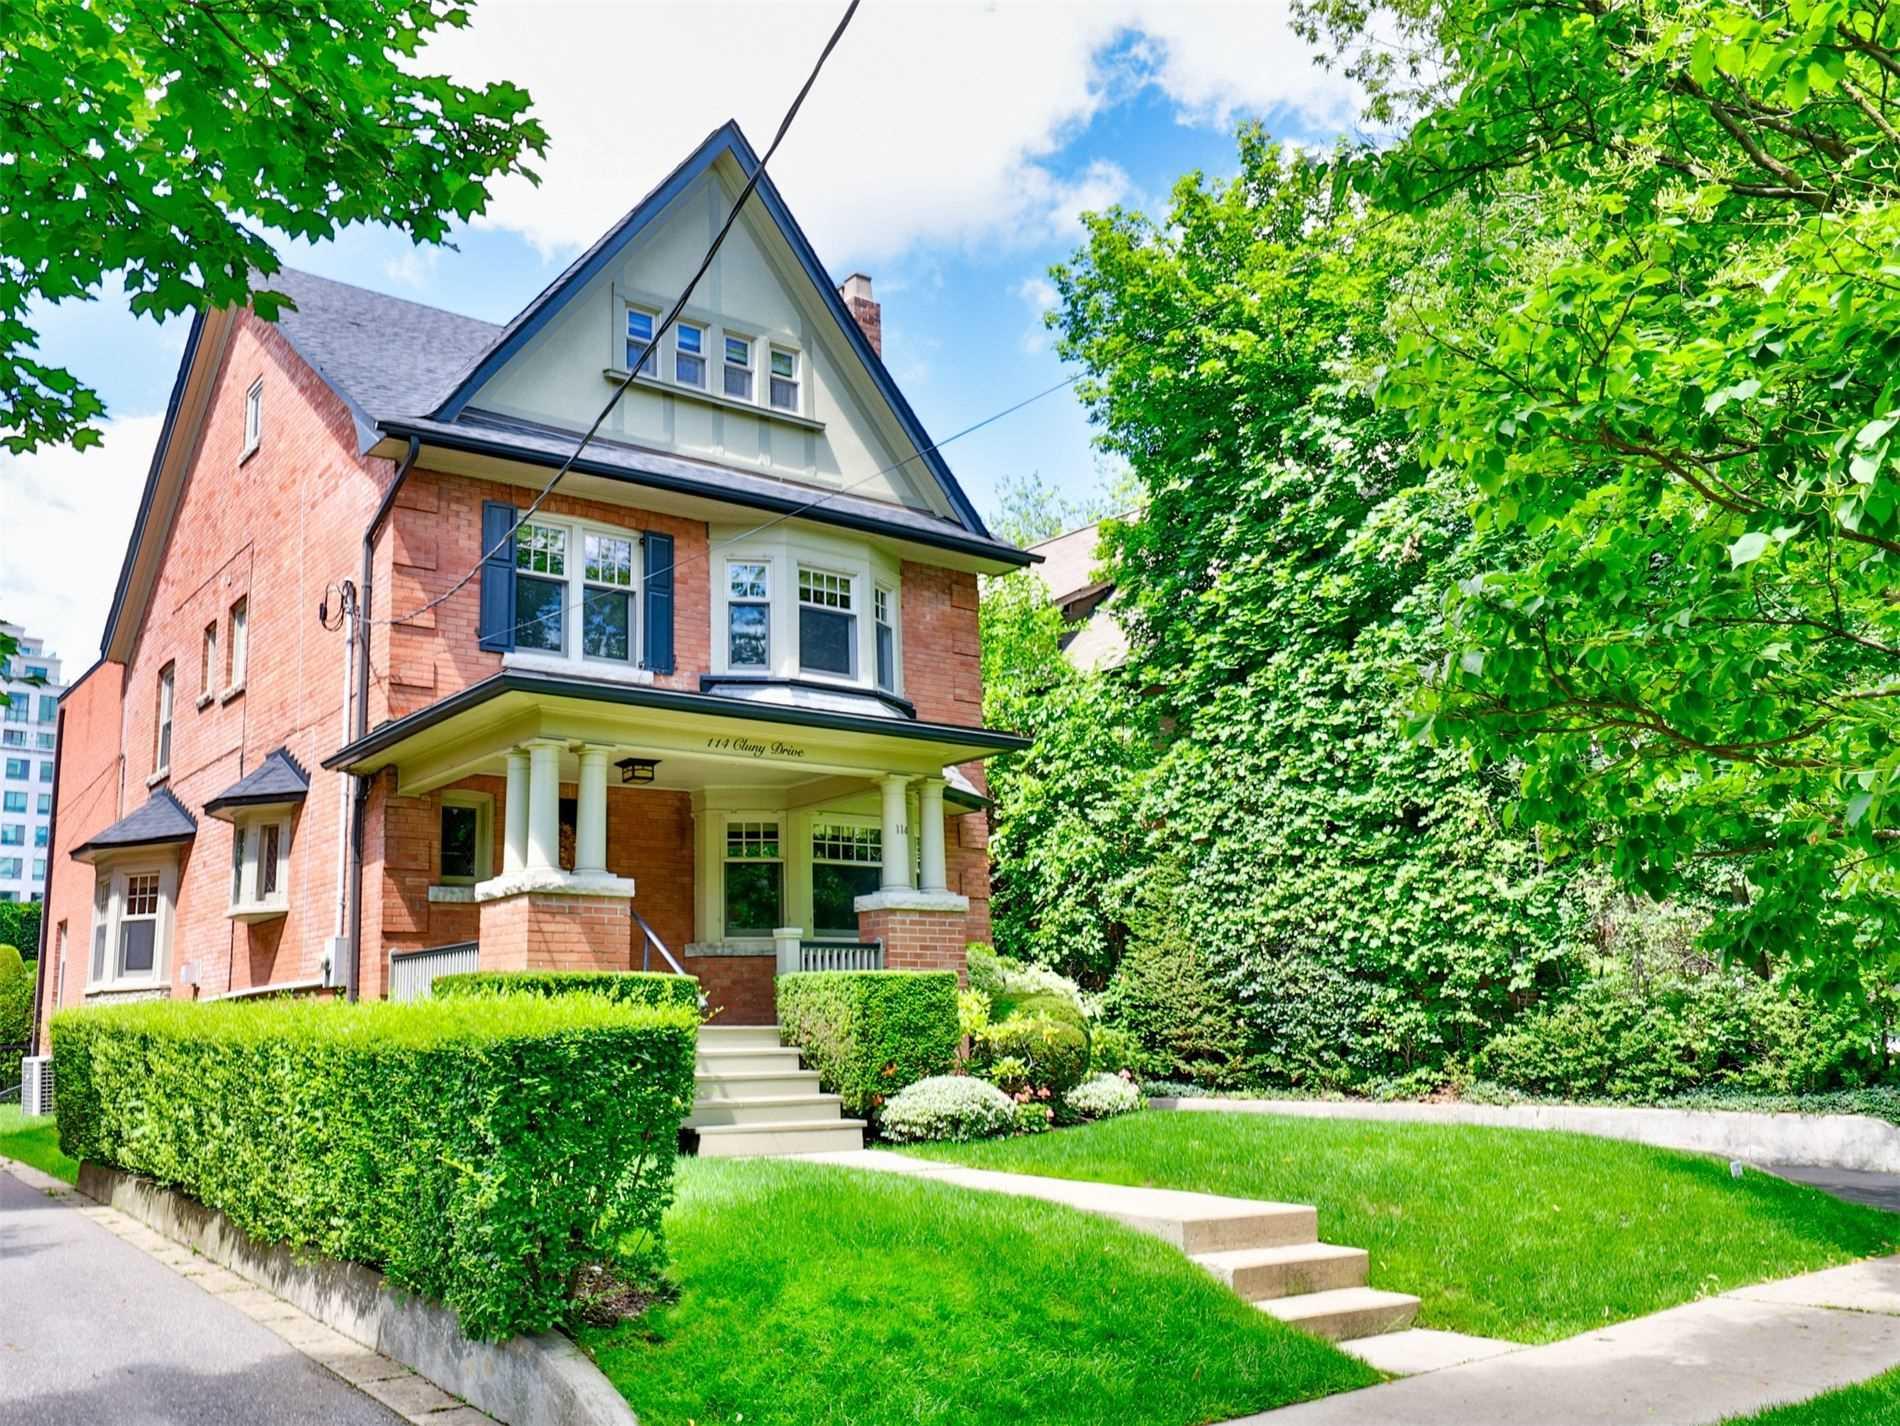 114 Cluny Dr, Toronto, M4W2R4